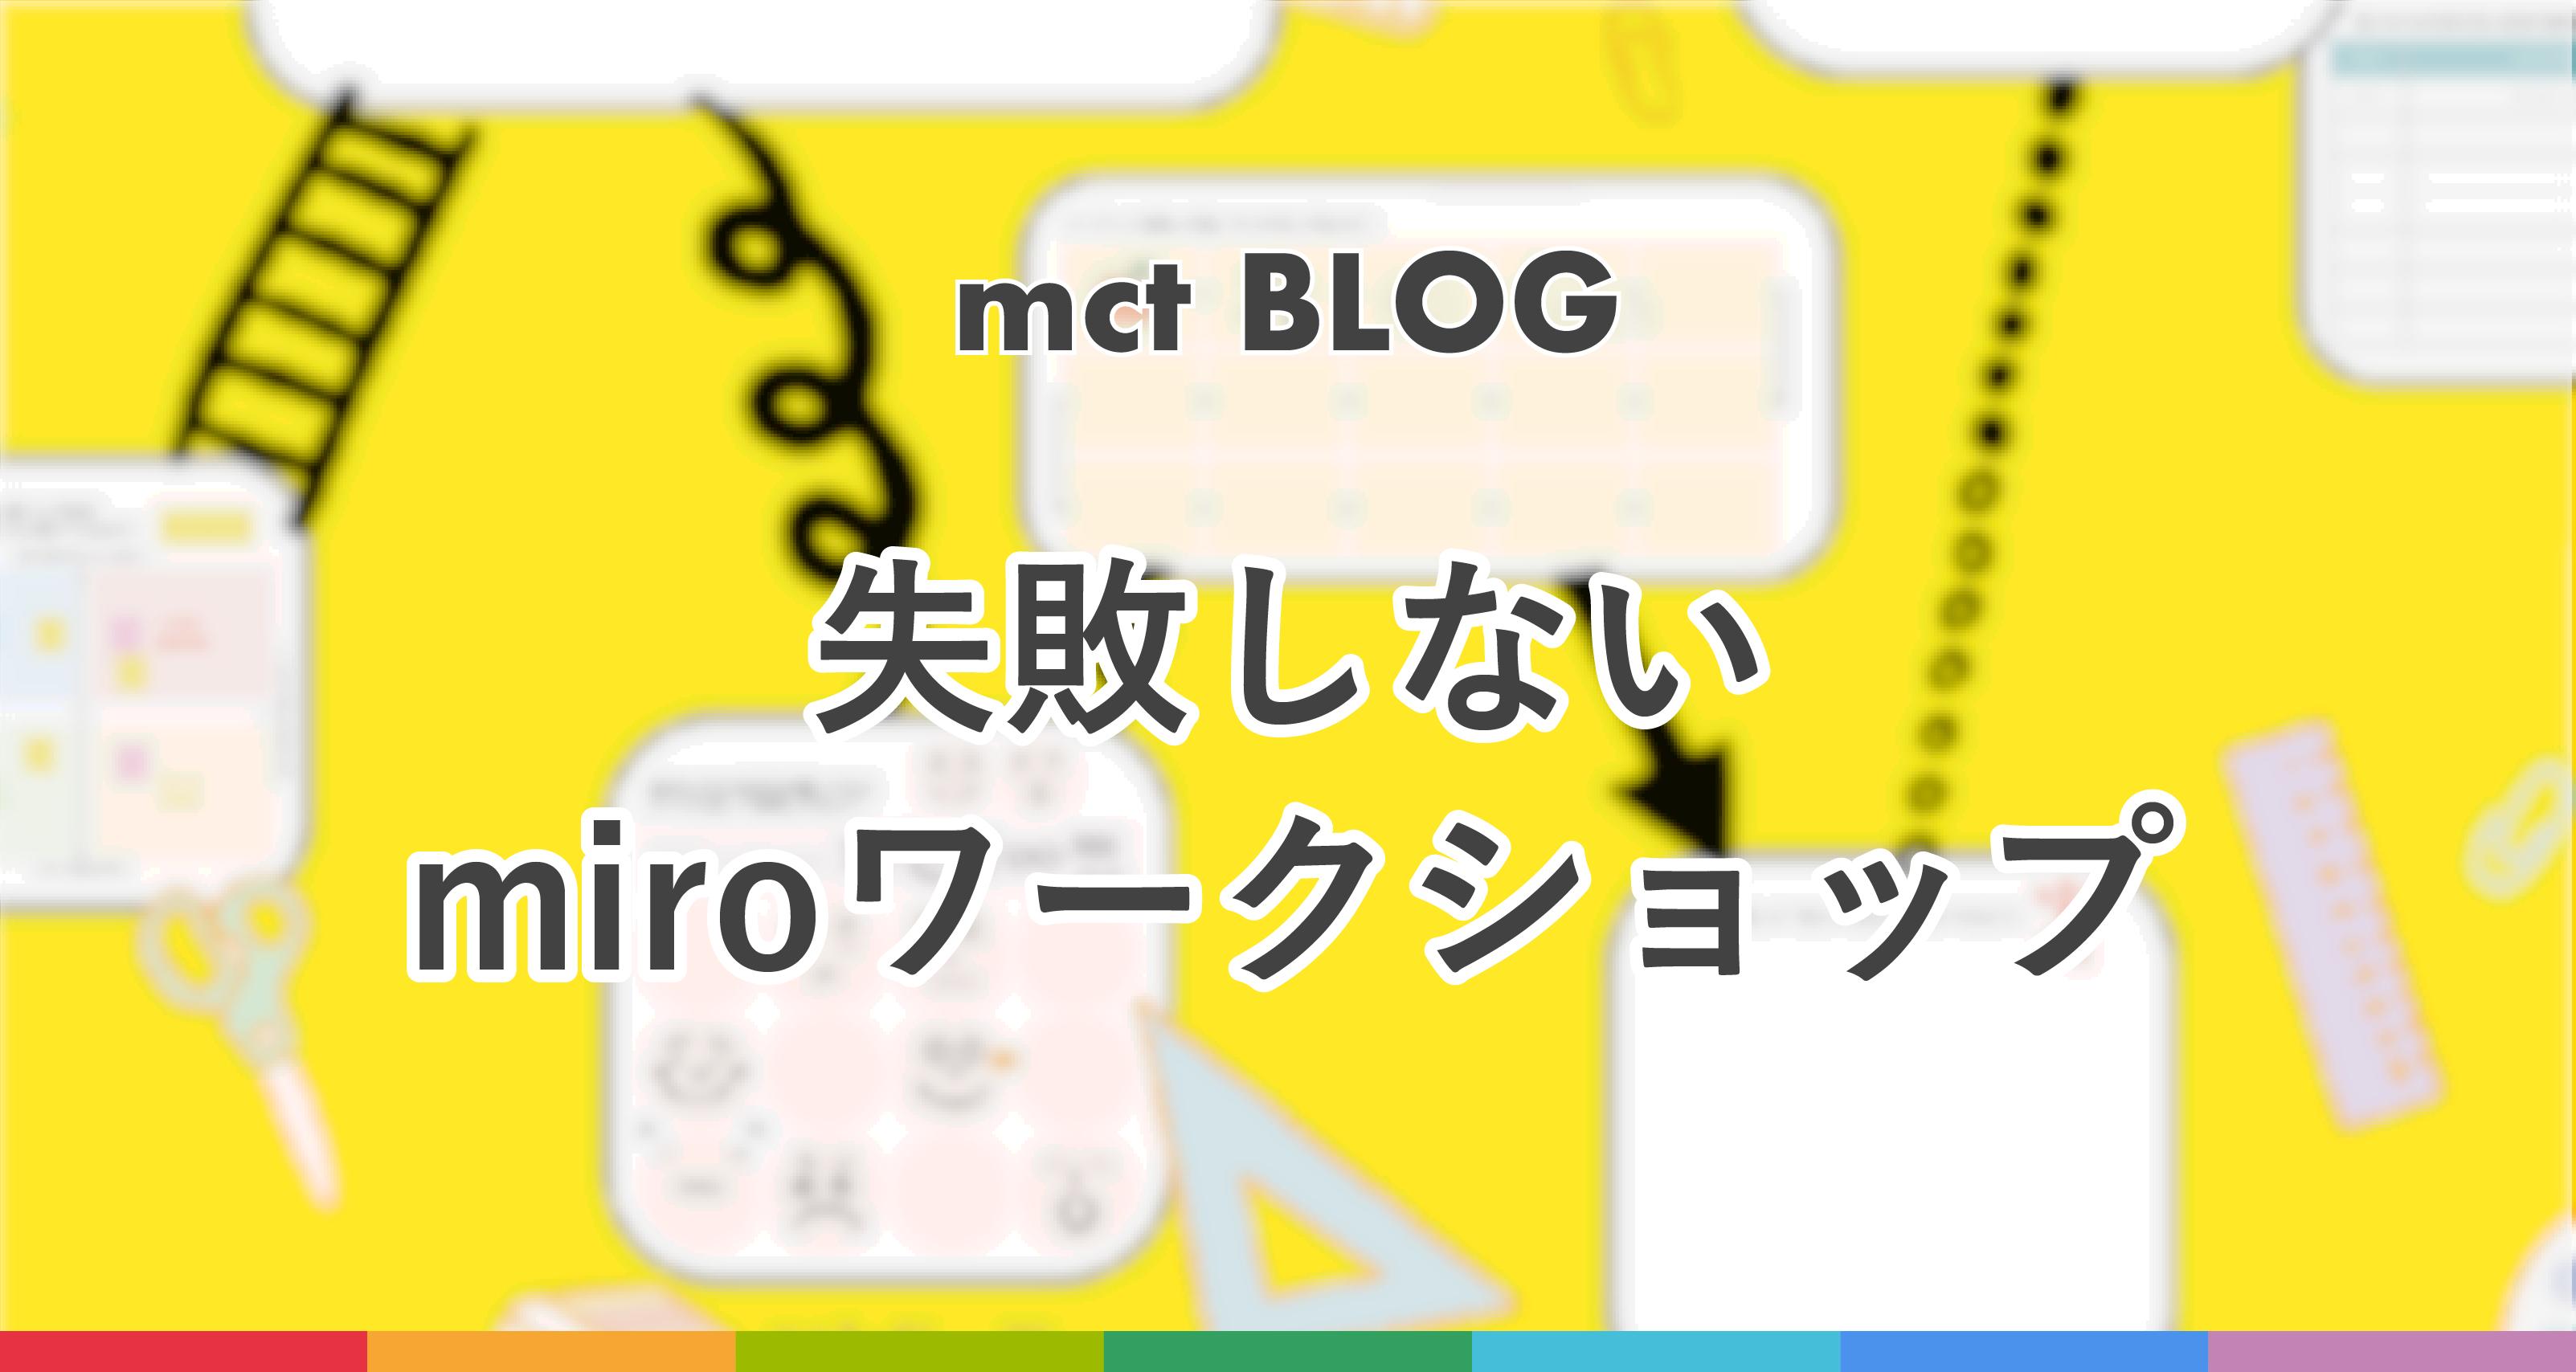 Blog|失敗しないmiroワークショップ